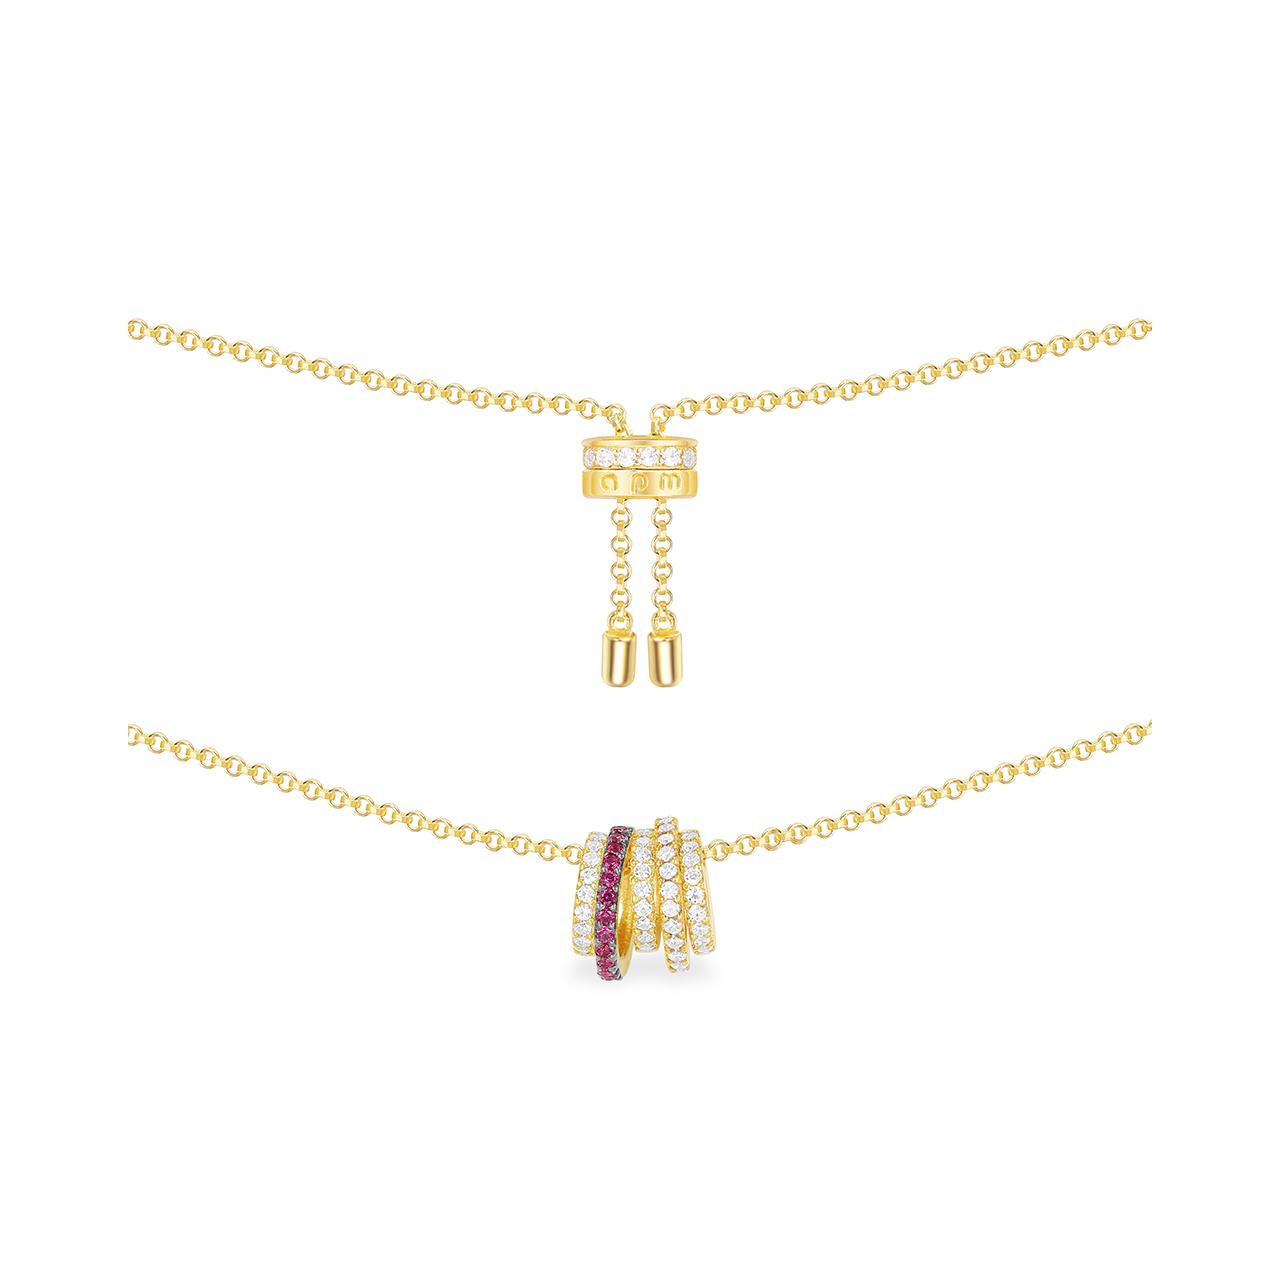 银 925 新款简约气质锁骨链颈链 多圈镂空小蛮腰项链女 Monaco APM